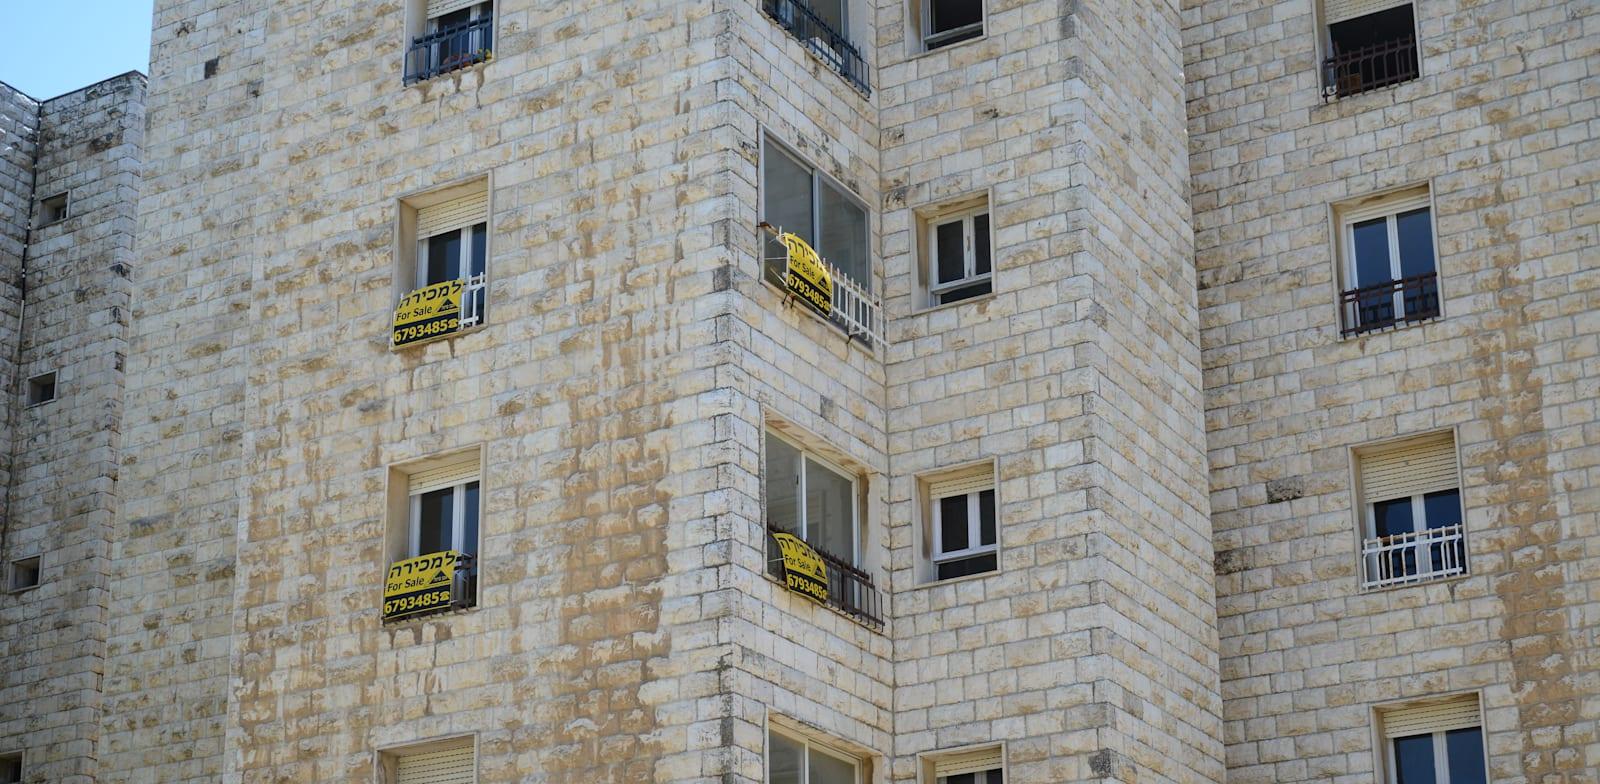 שלטים של דירות למכירה / צילום: איל יצהר